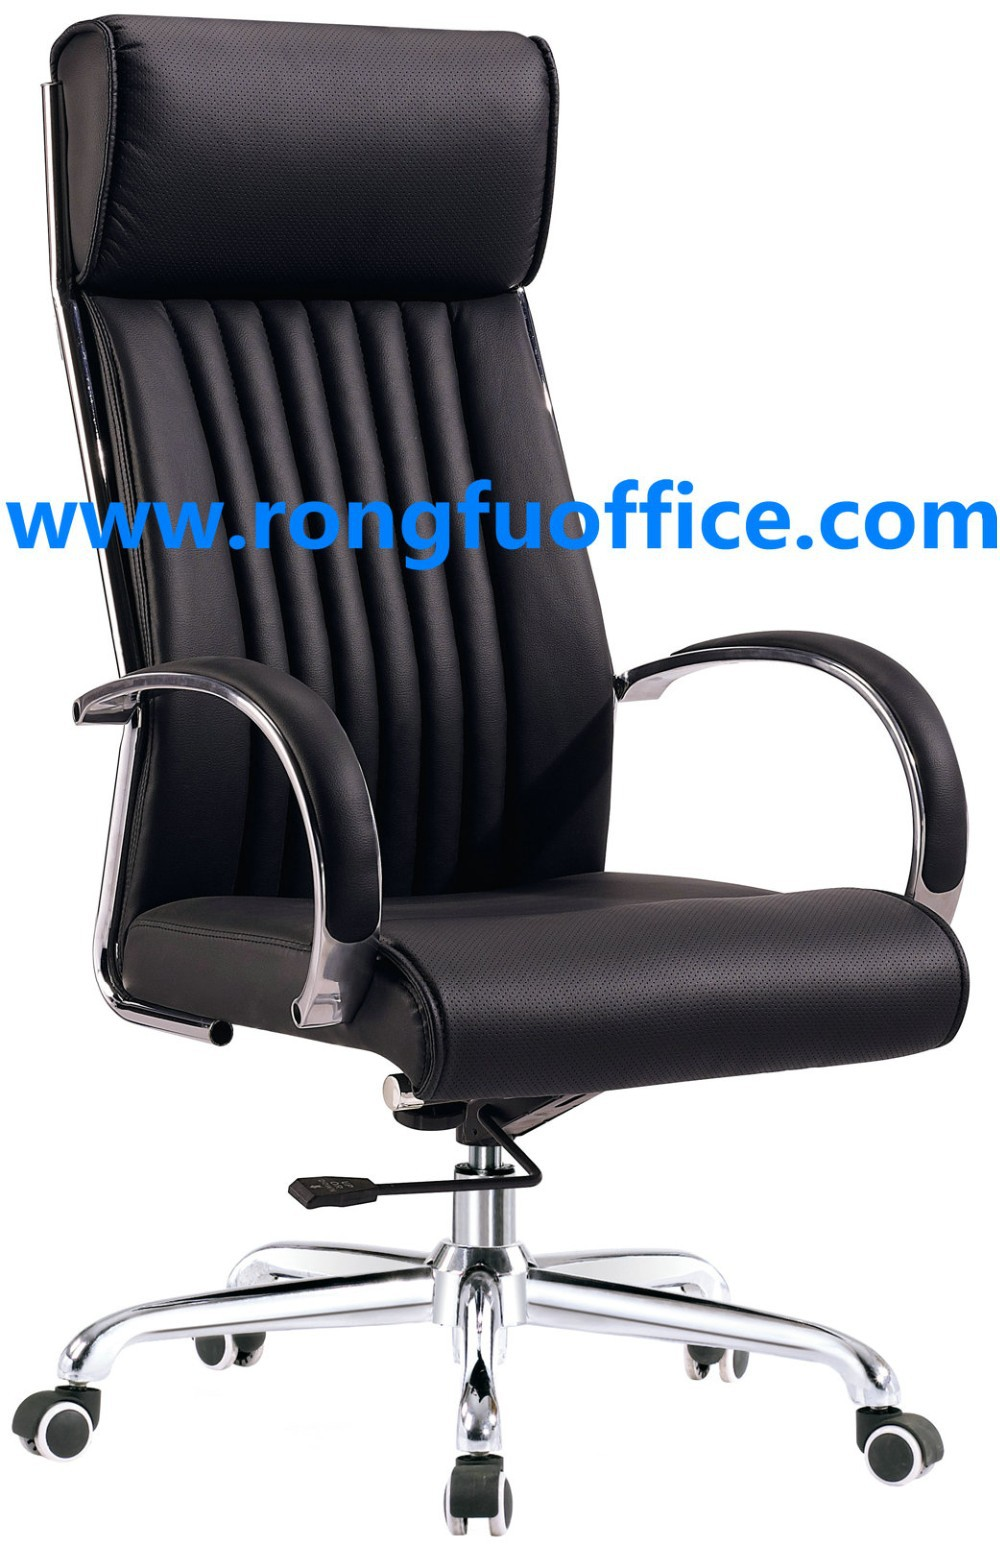 высокая задняя часть кожа офис кресло РФ-o9052a